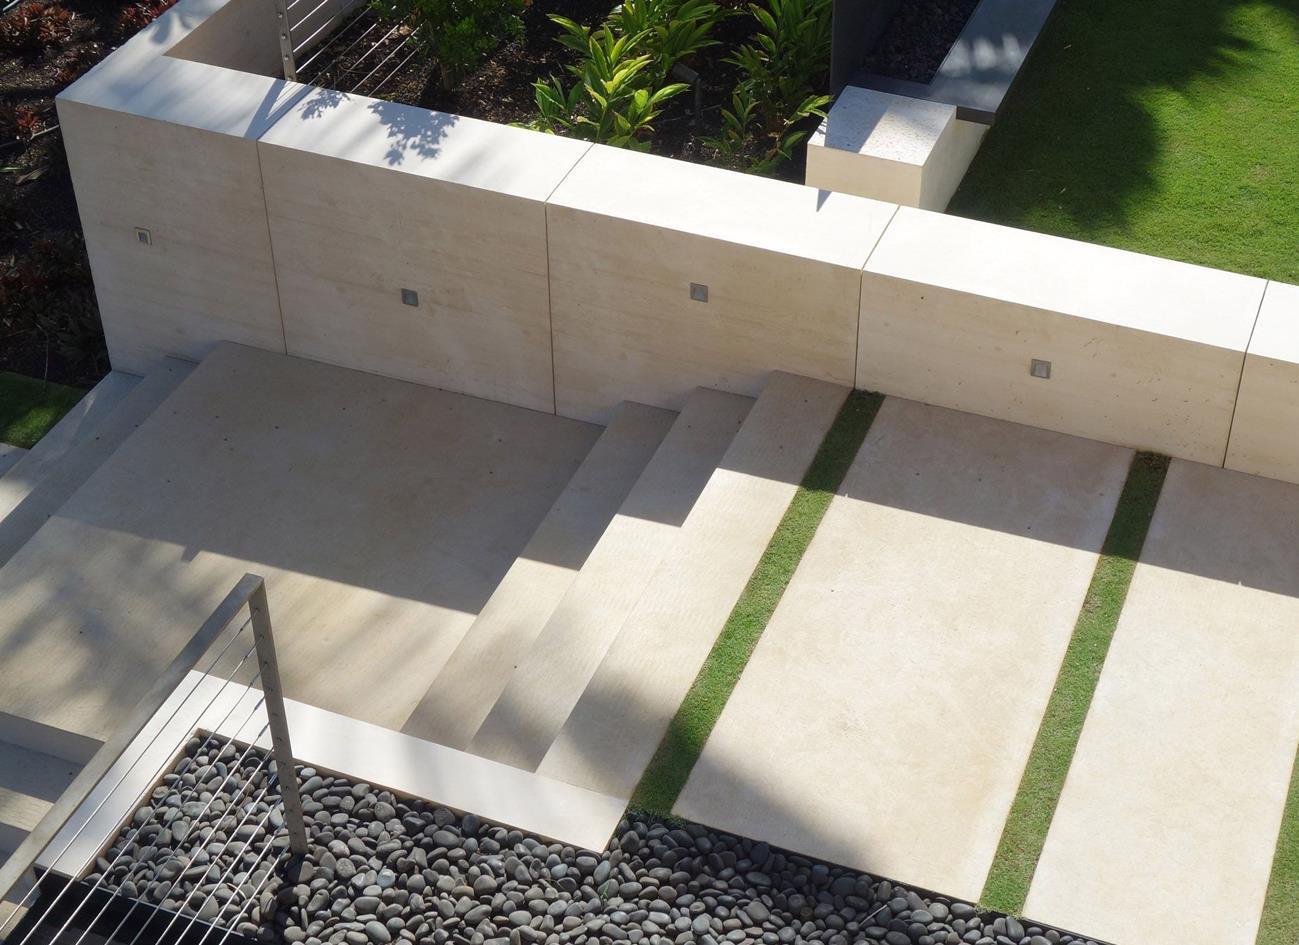 什么是石英砖?2cm石英砖厚板有什么特点?